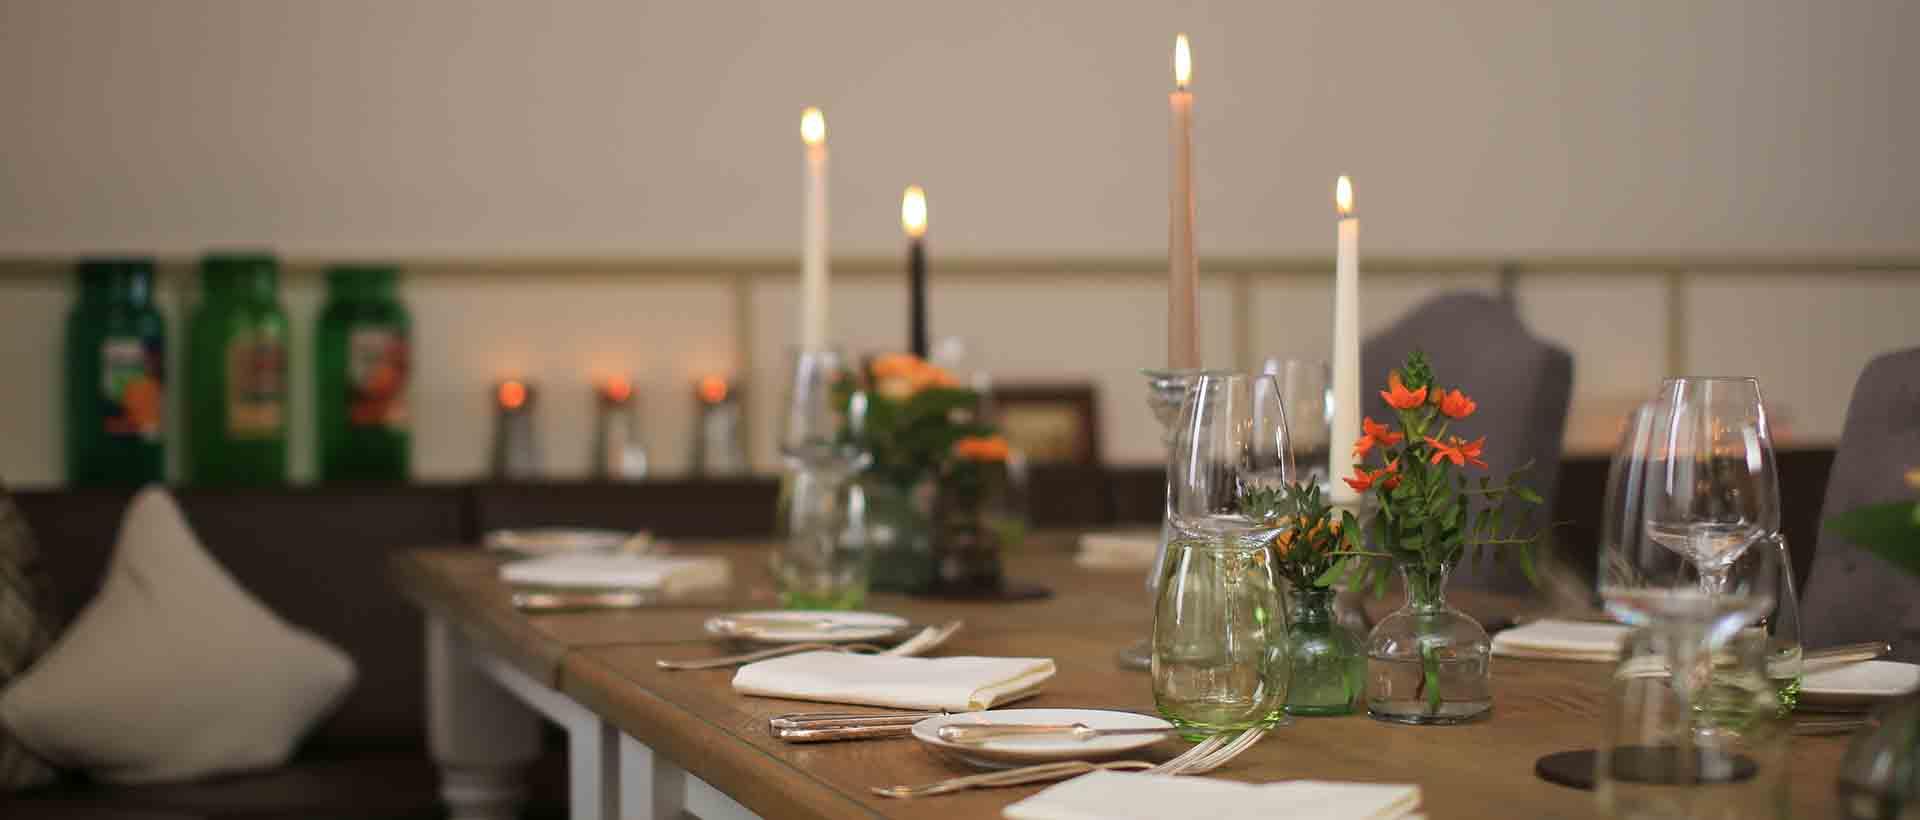 Gemütliche Atmosphäre im Restaurant Waldschlösschen in Dagobertshausen